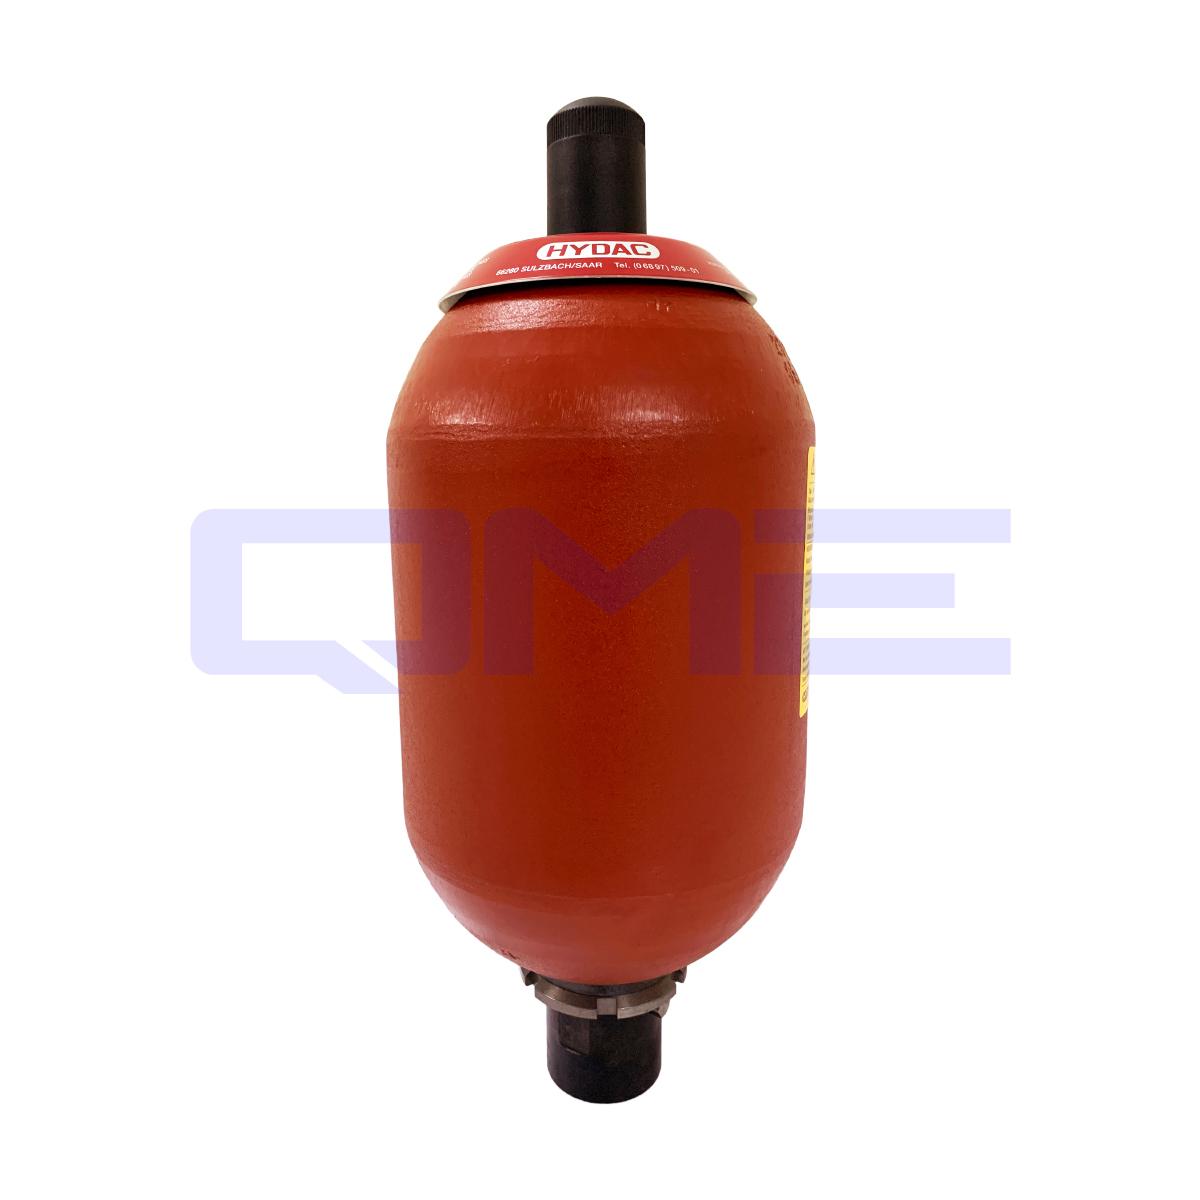 Bình tích Hydac 4 lít SB330-4A1/112U-330A dạng túi (3047166) chính hãng